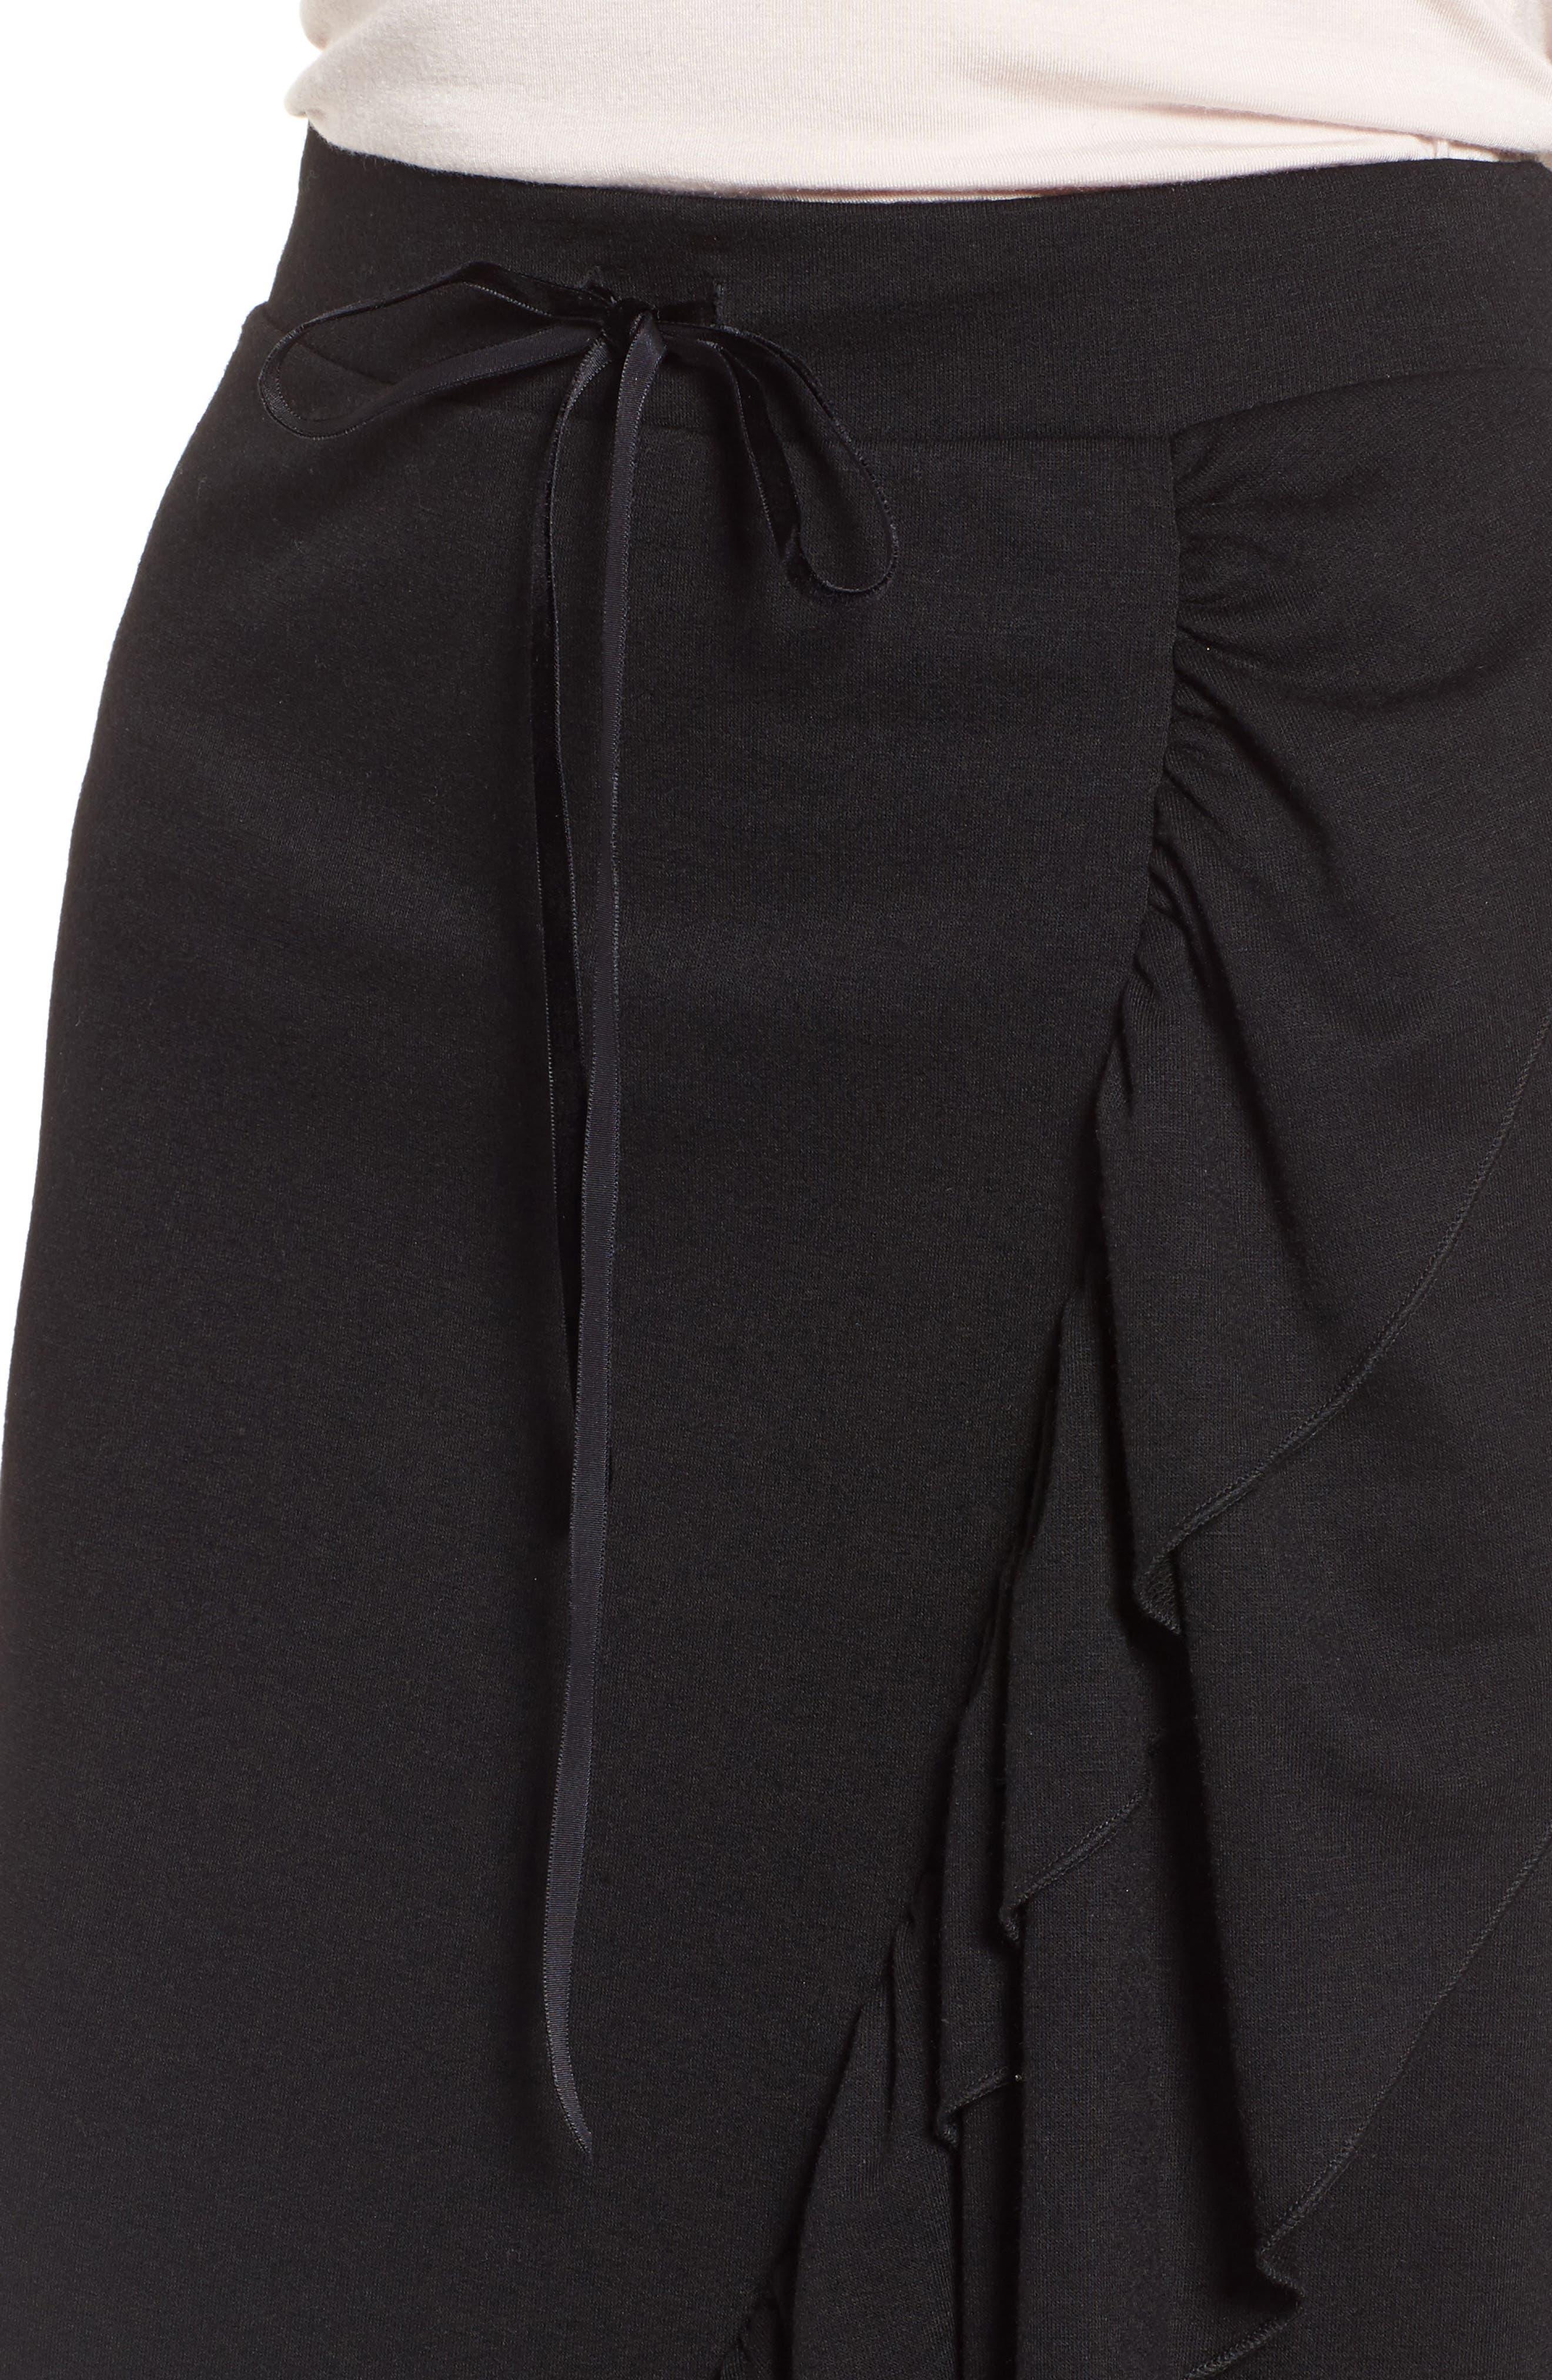 Ruffle Midi Skirt,                             Alternate thumbnail 4, color,                             Black